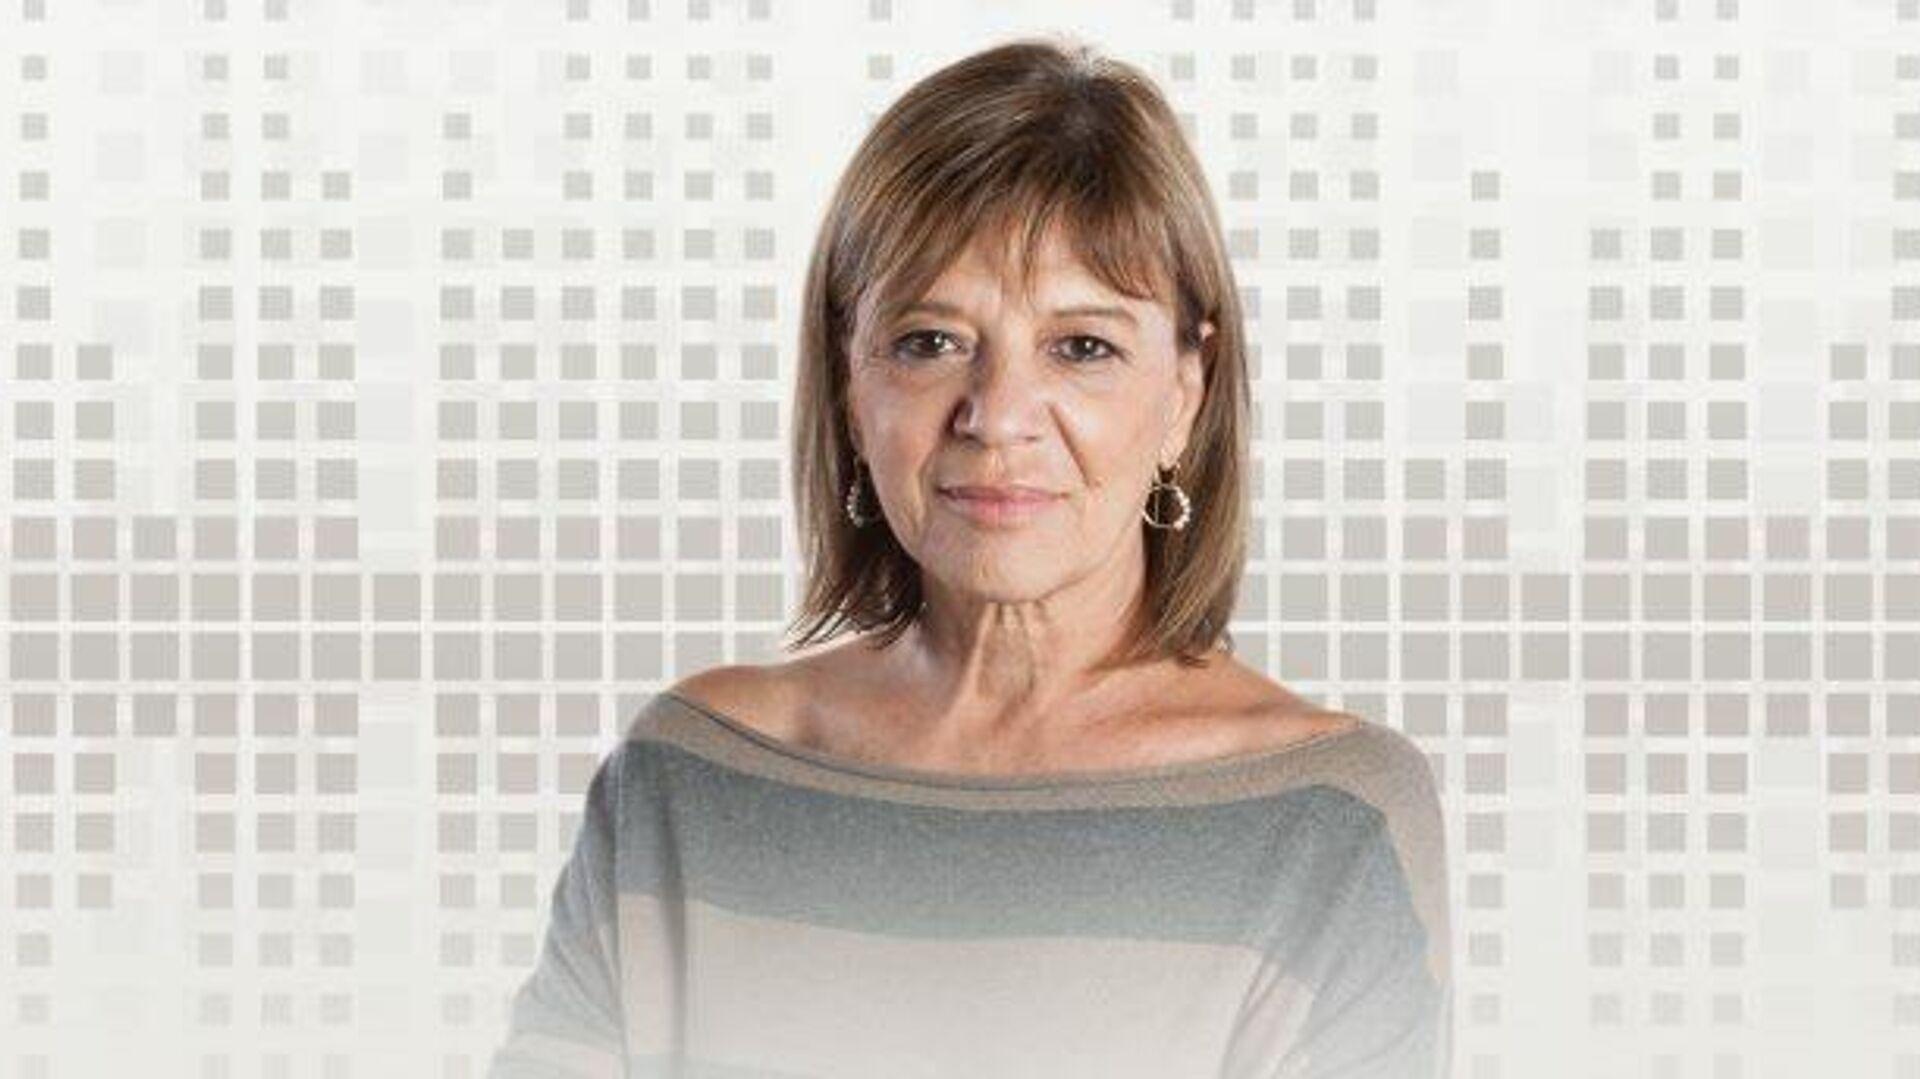 María José Pizarro: El Pacto Histórico busca materializar los acuerdos de paz en Colombia - Sputnik Mundo, 1920, 27.03.2021